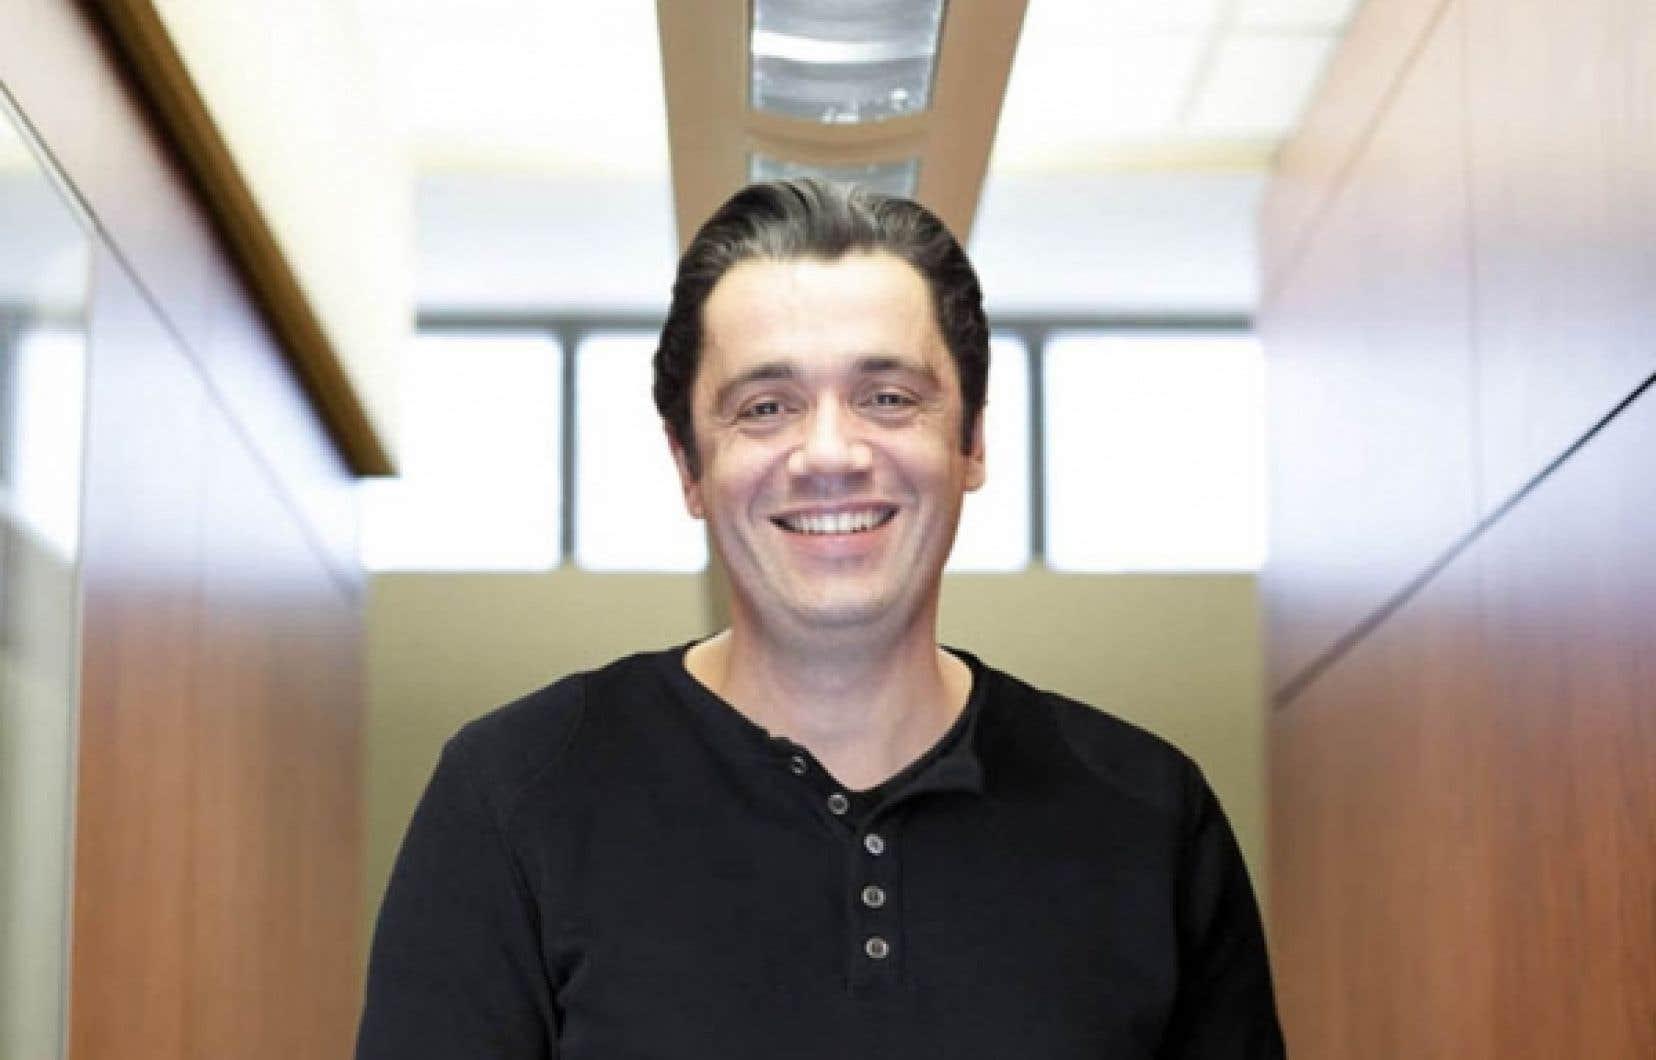 Vincent Dumez, dont les quotidien &laquo;est rythm&eacute; par trois maladies chroniques&raquo;, a pris la t&ecirc;te du nouveau bureau de l&rsquo;expertise patient partenaire de la Facult&eacute; de m&eacute;decine de l&rsquo;UdeM.<br />